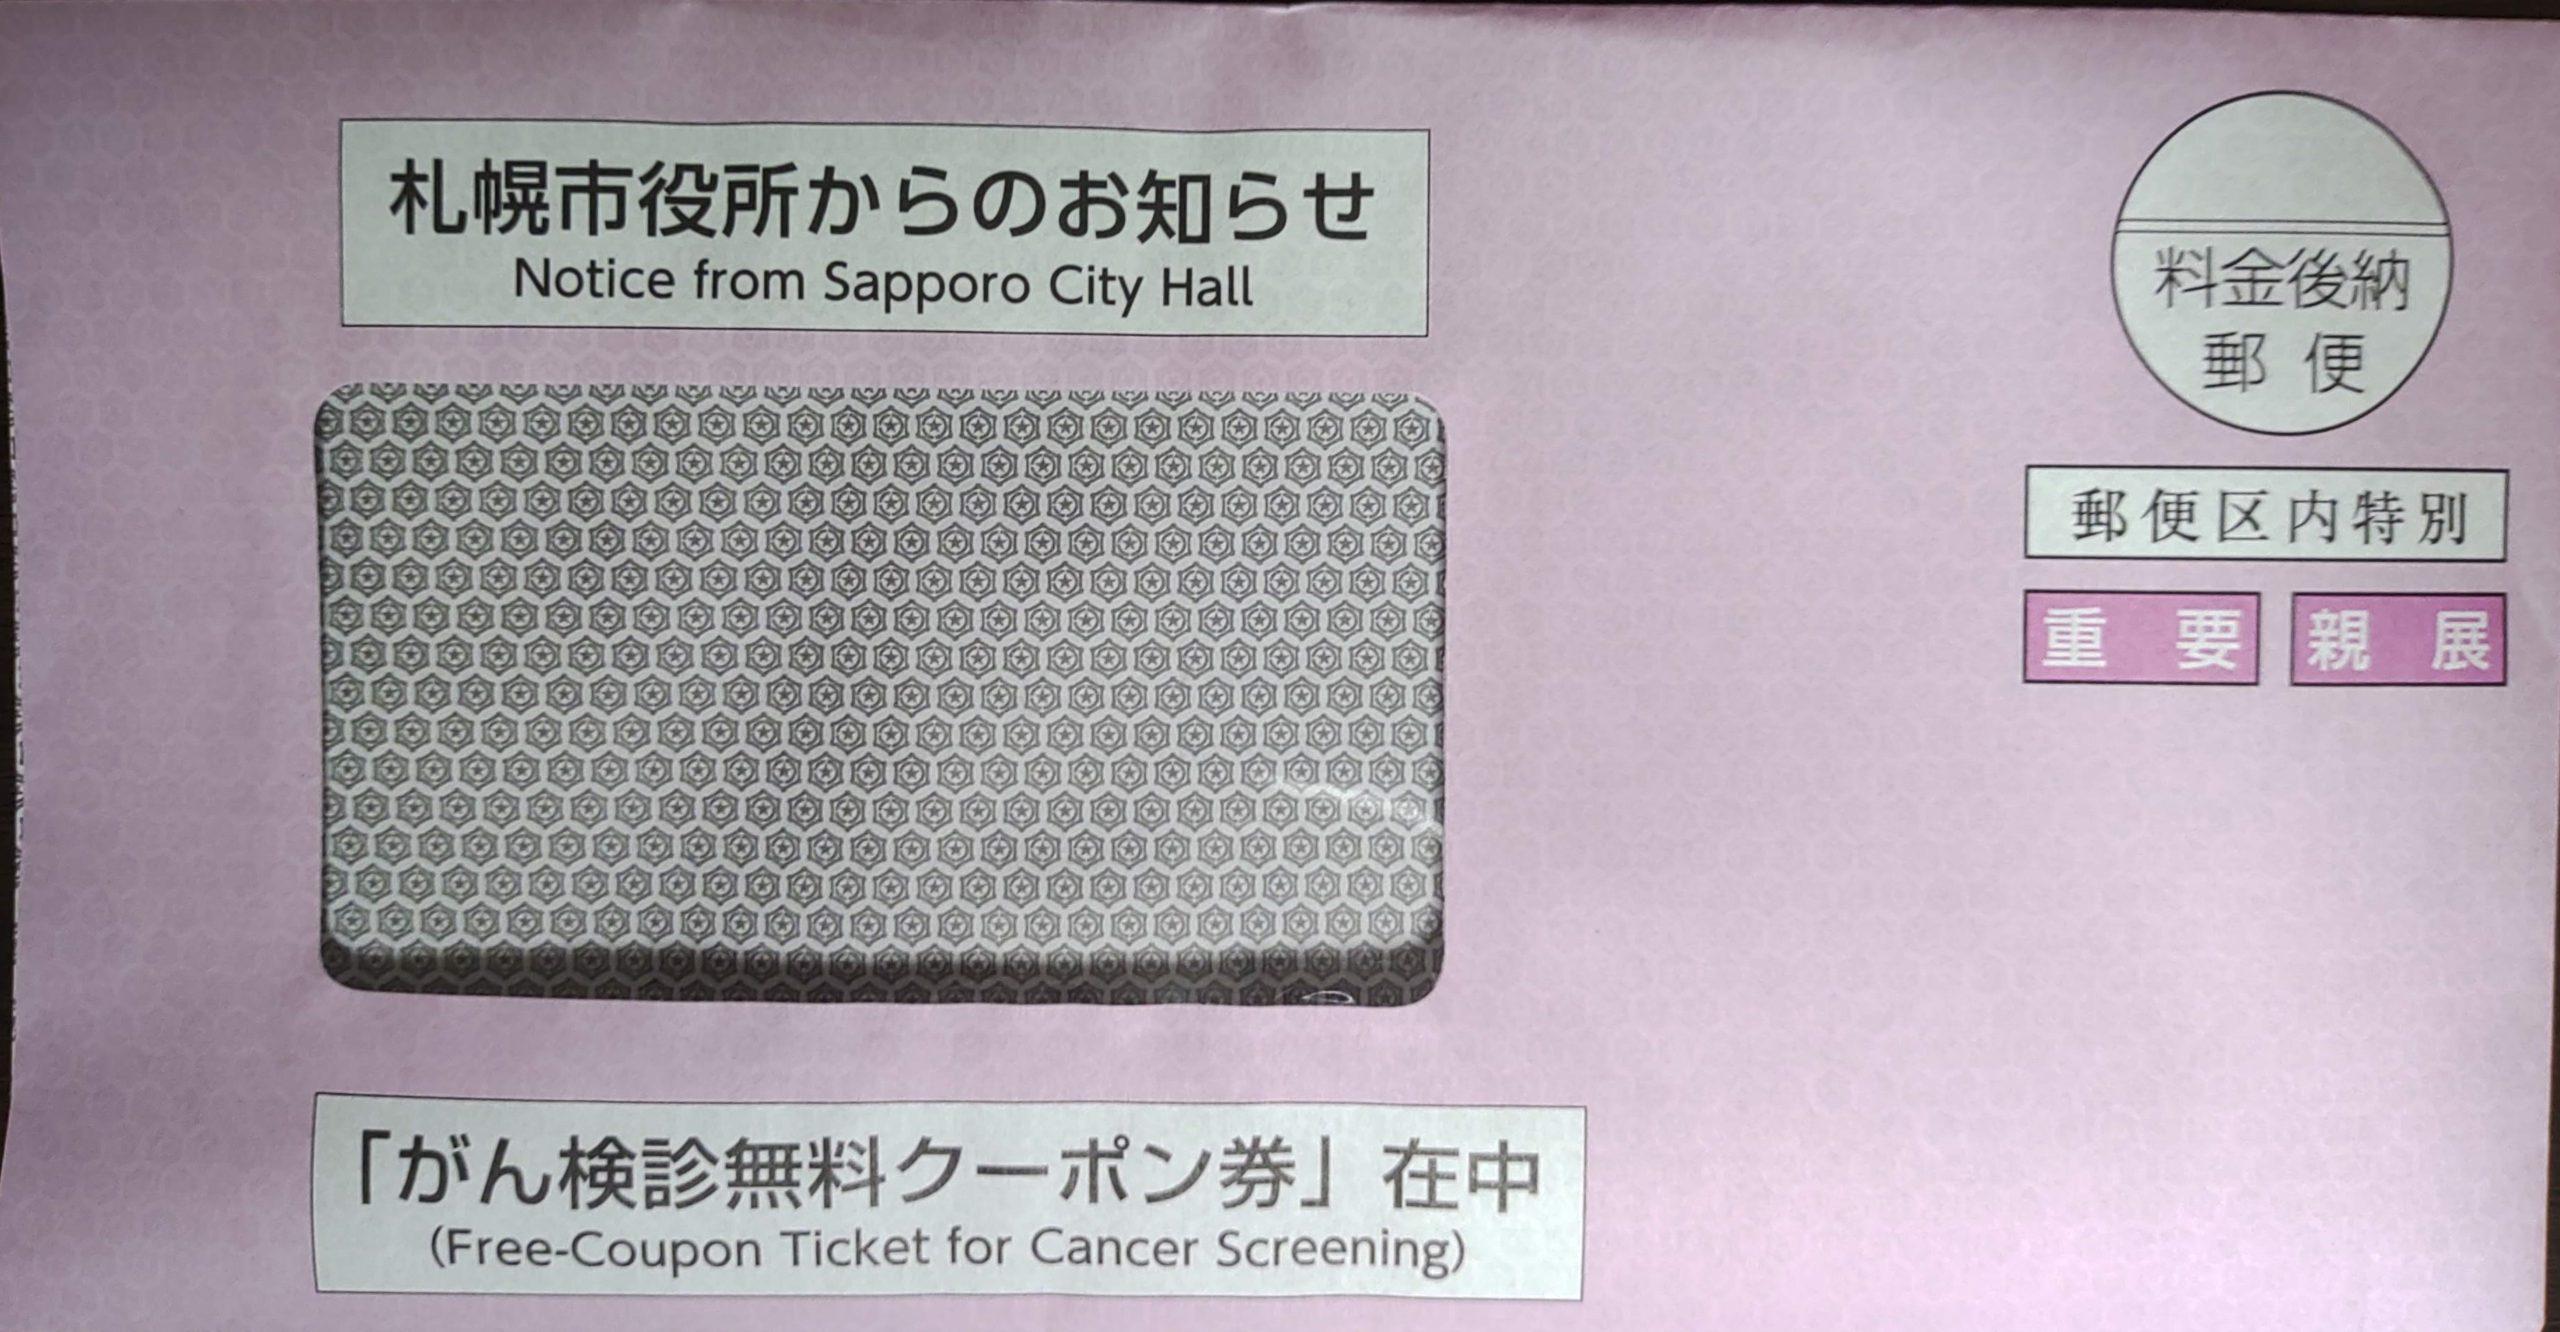 健診クーポン封筒